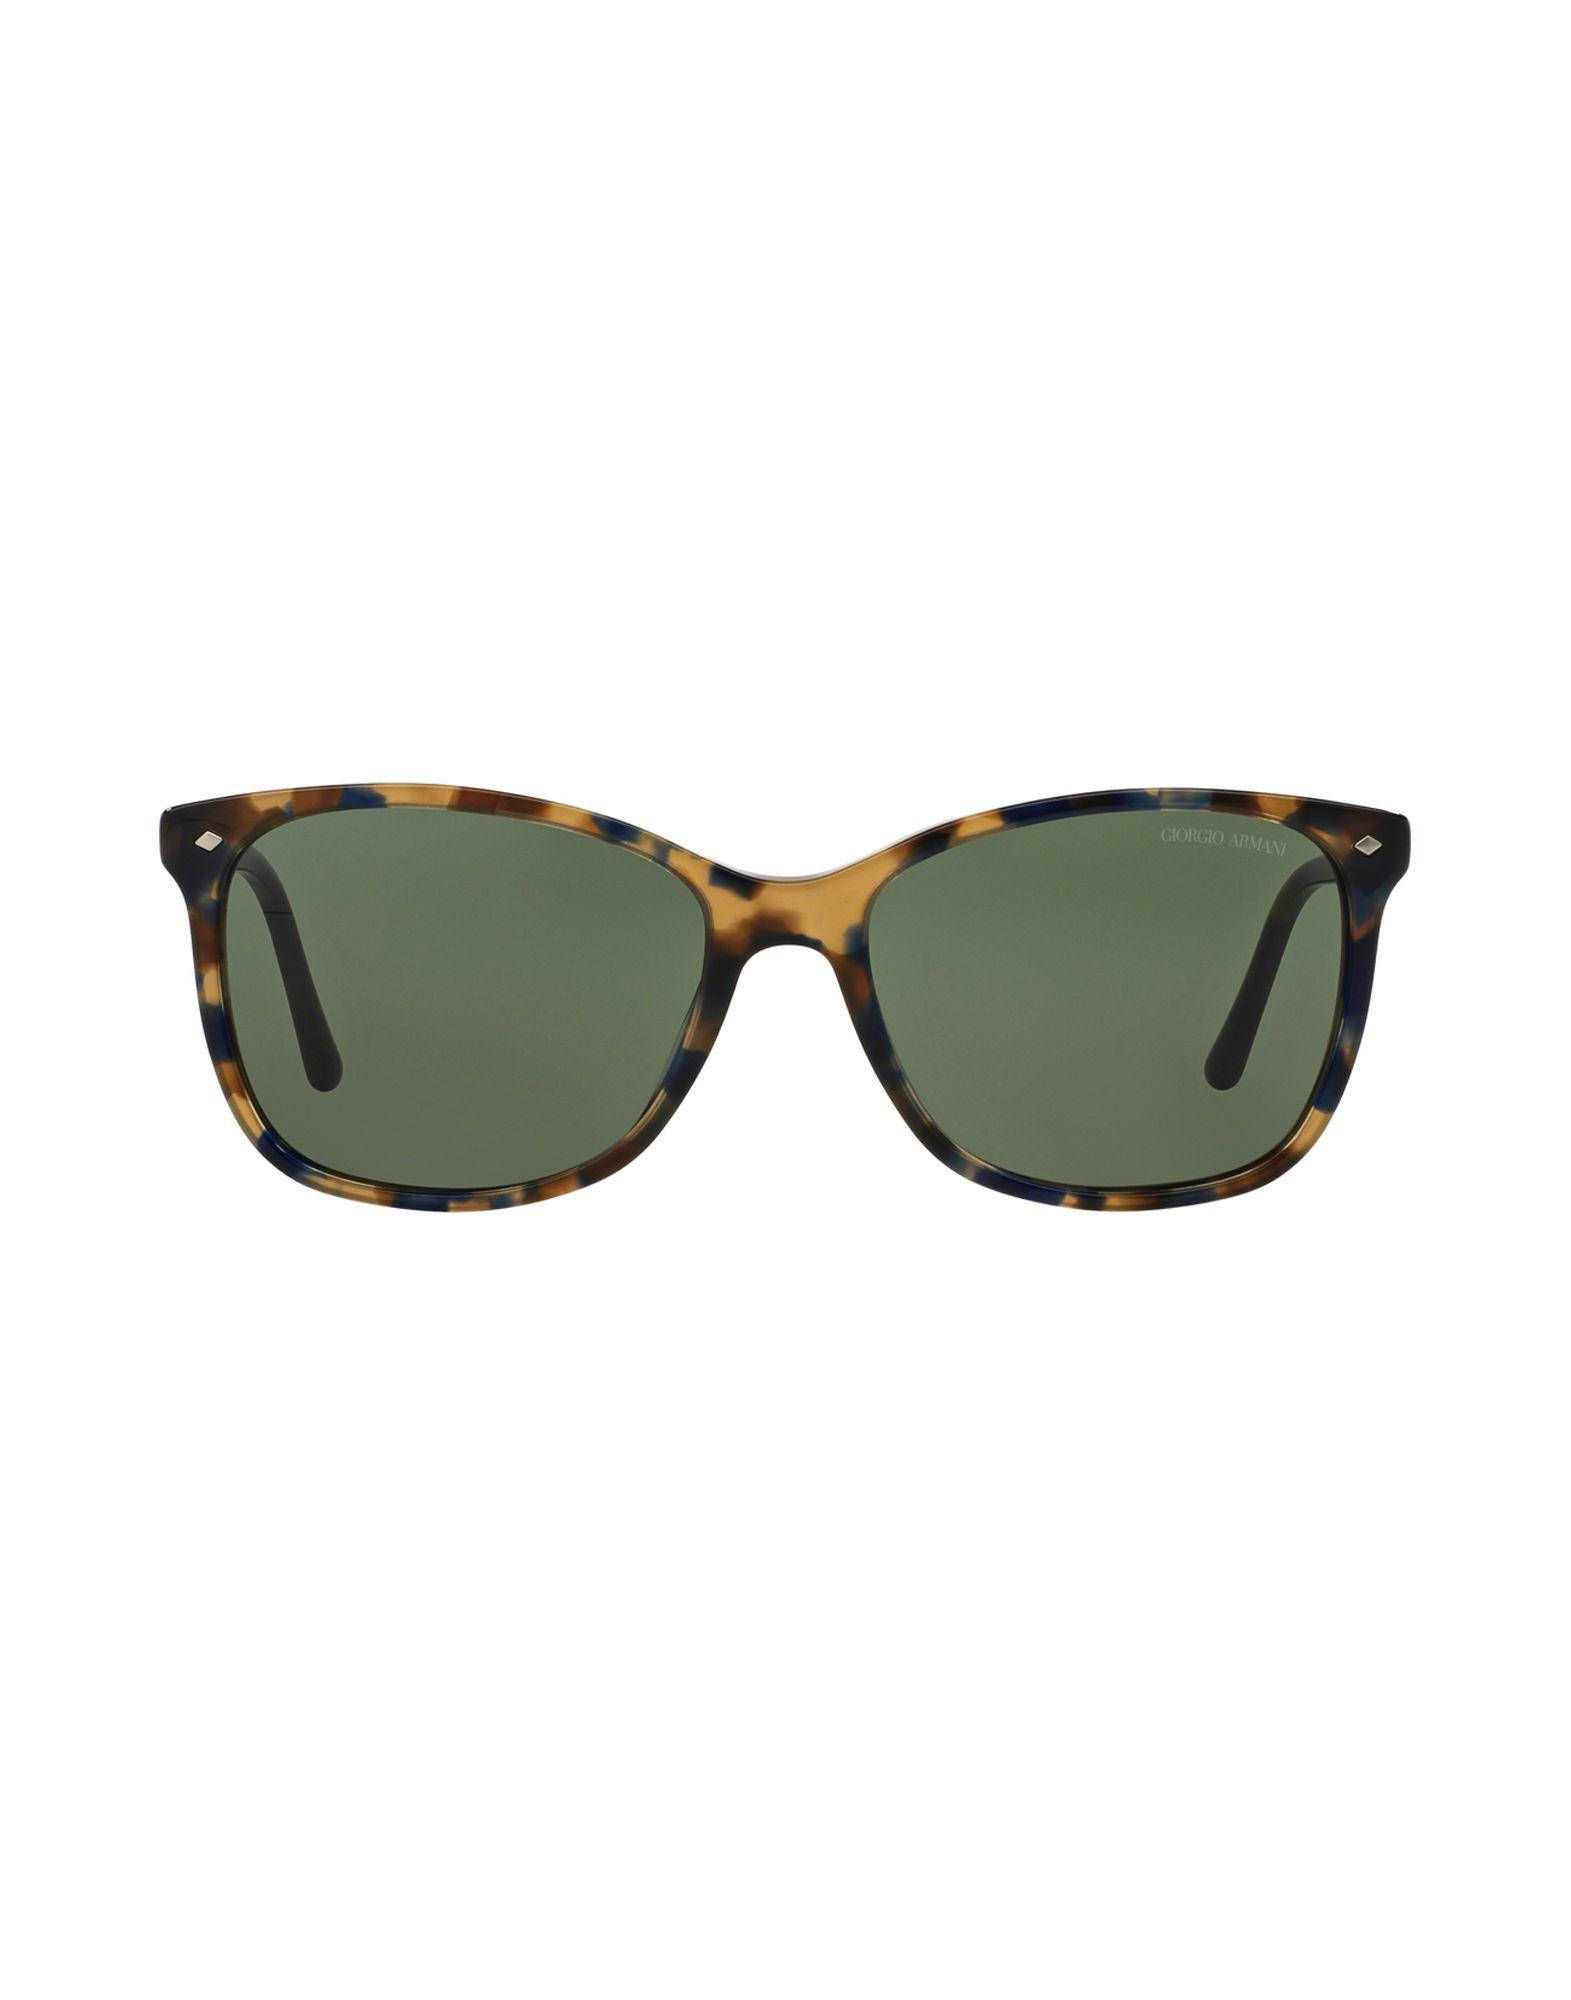 6ea3e878cae Lyst - Giorgio Armani Sunglasses in Natural